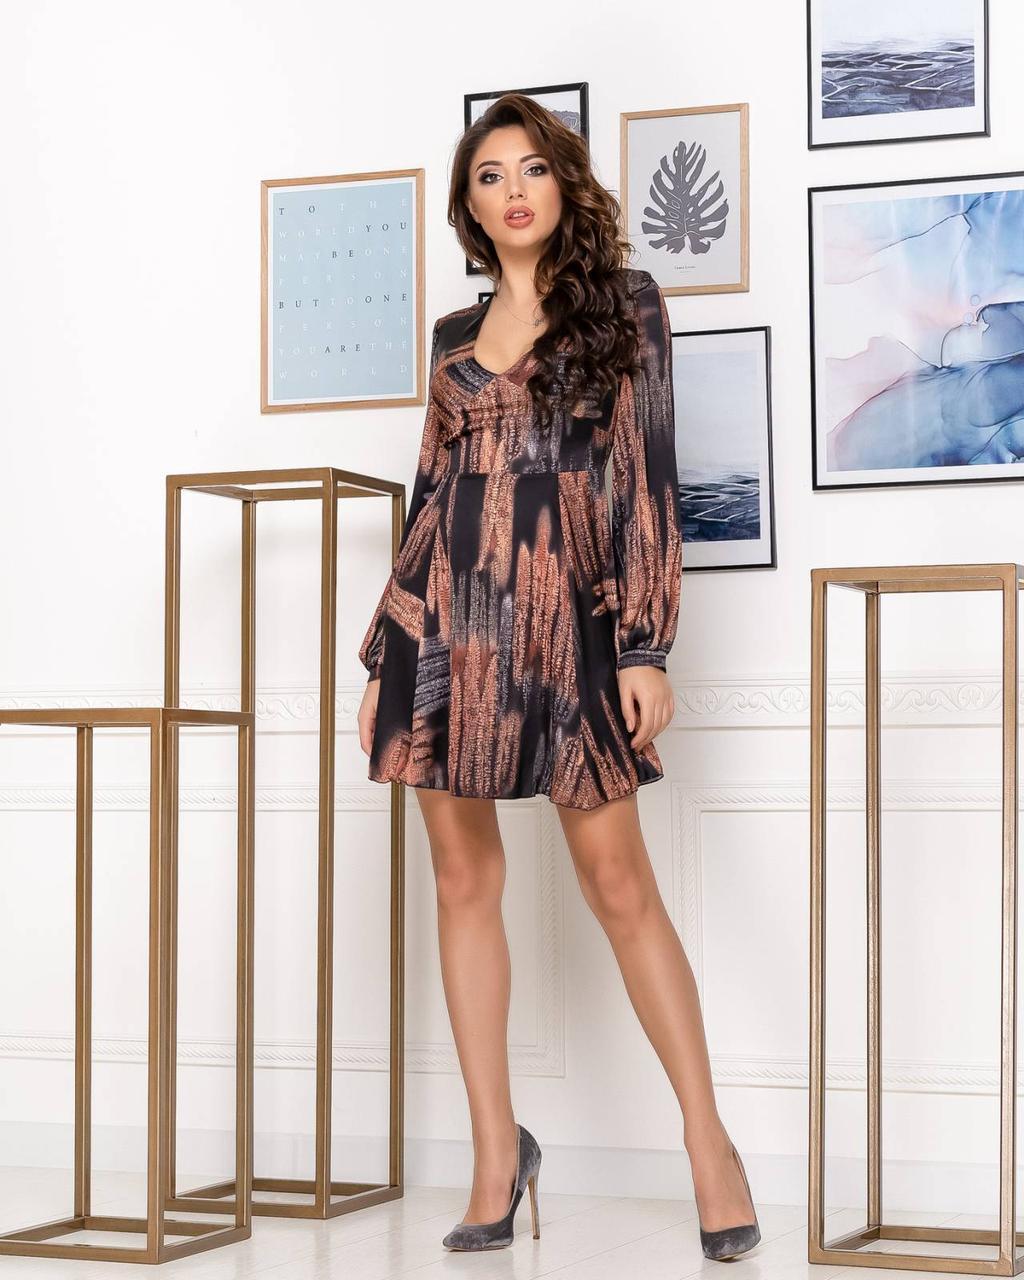 Сукня NOBILITAS 42 - 48 коричневе шовк з принтом (арт. 20007)